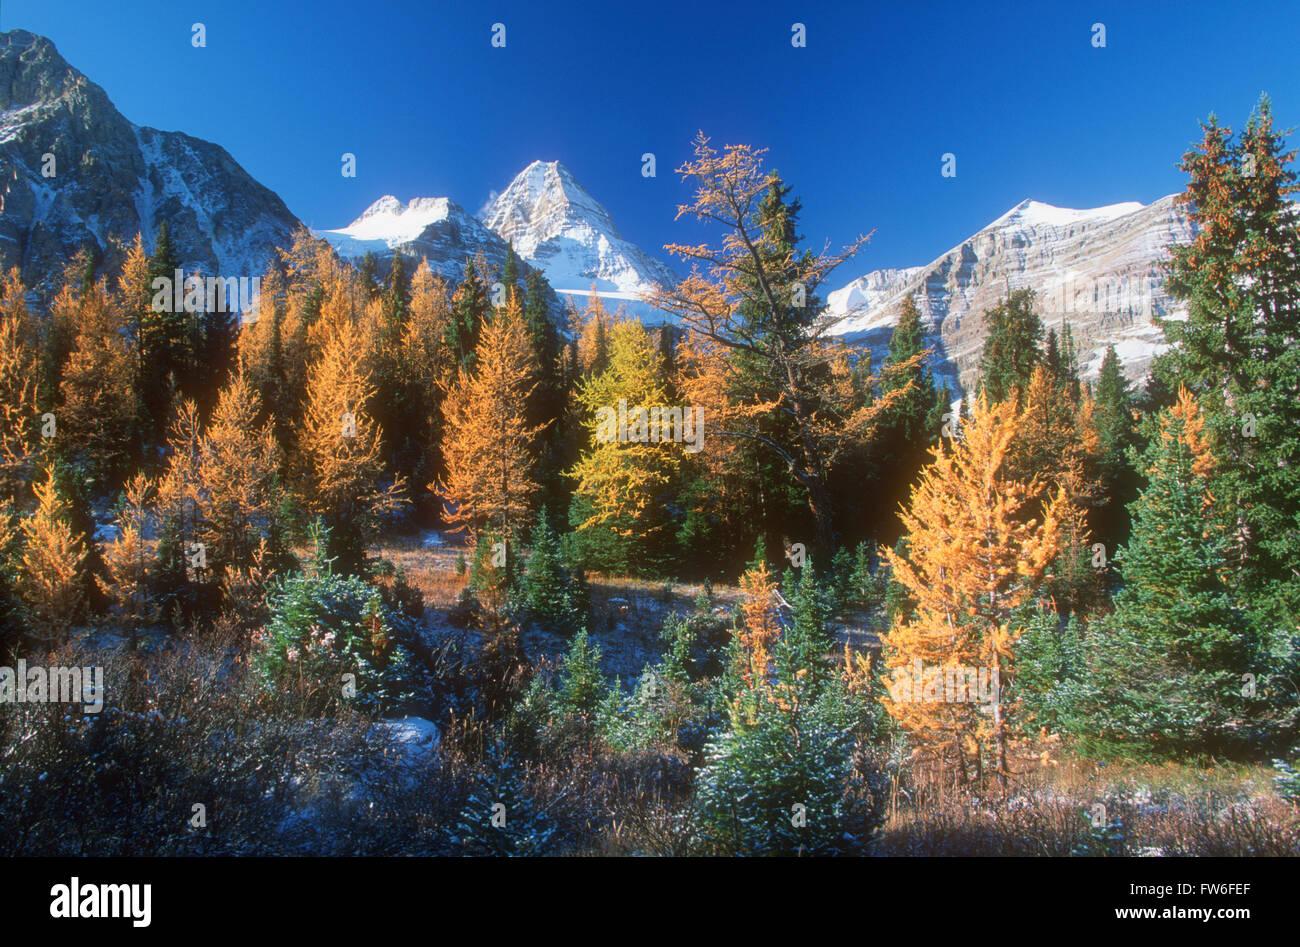 Mount Assiniboine Provincial Park in Autumn, British Columbia, Canada Stock Photo